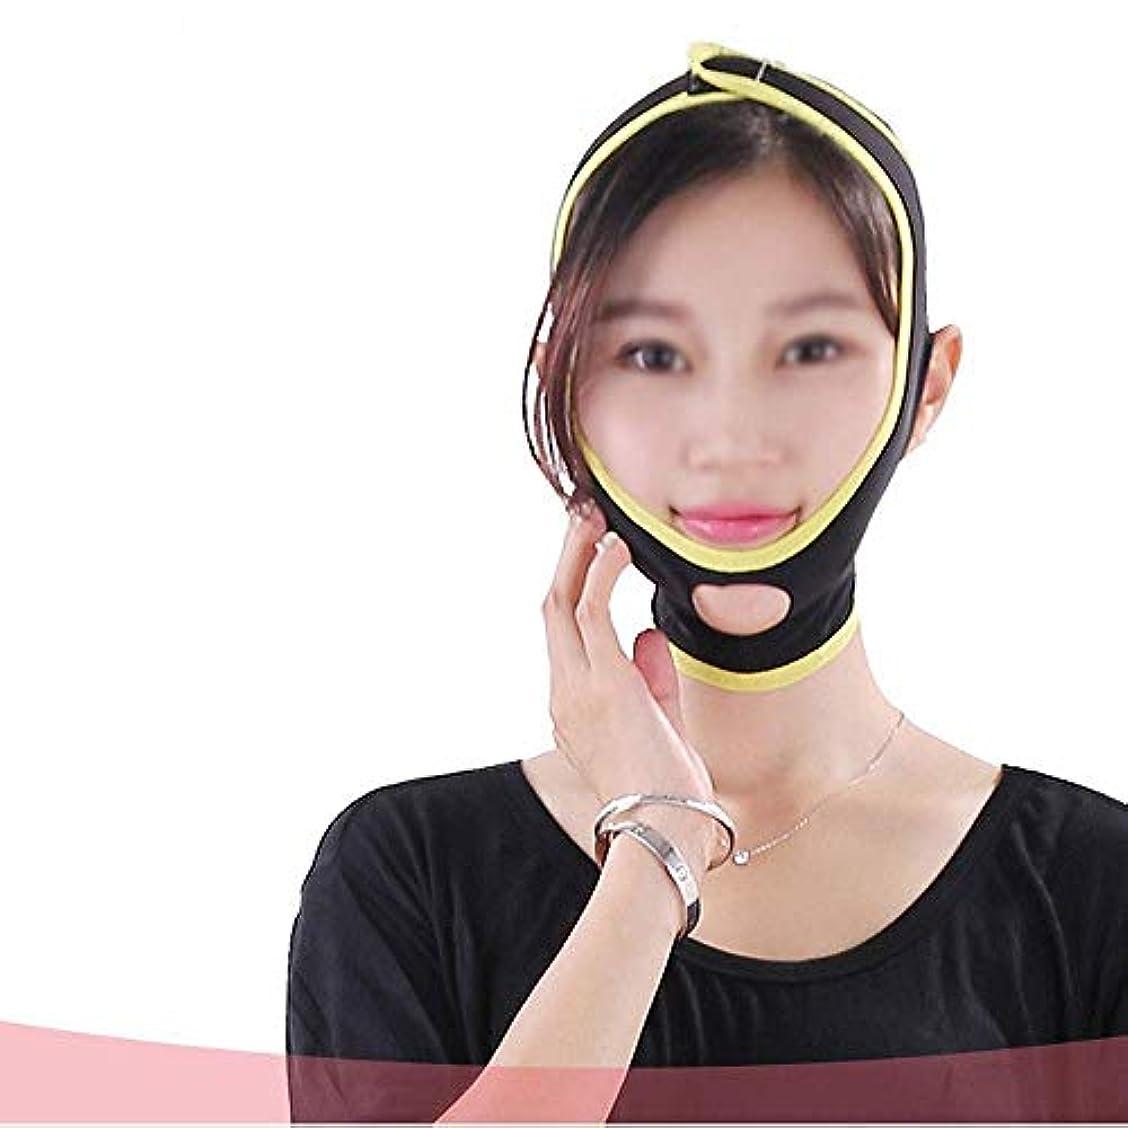 ナイロンドット創始者睡眠用フェイスマスク、薄い顔の包帯、小さな顔Vの顔、薄い顔、フェイスリフト付き(サイズ:M)